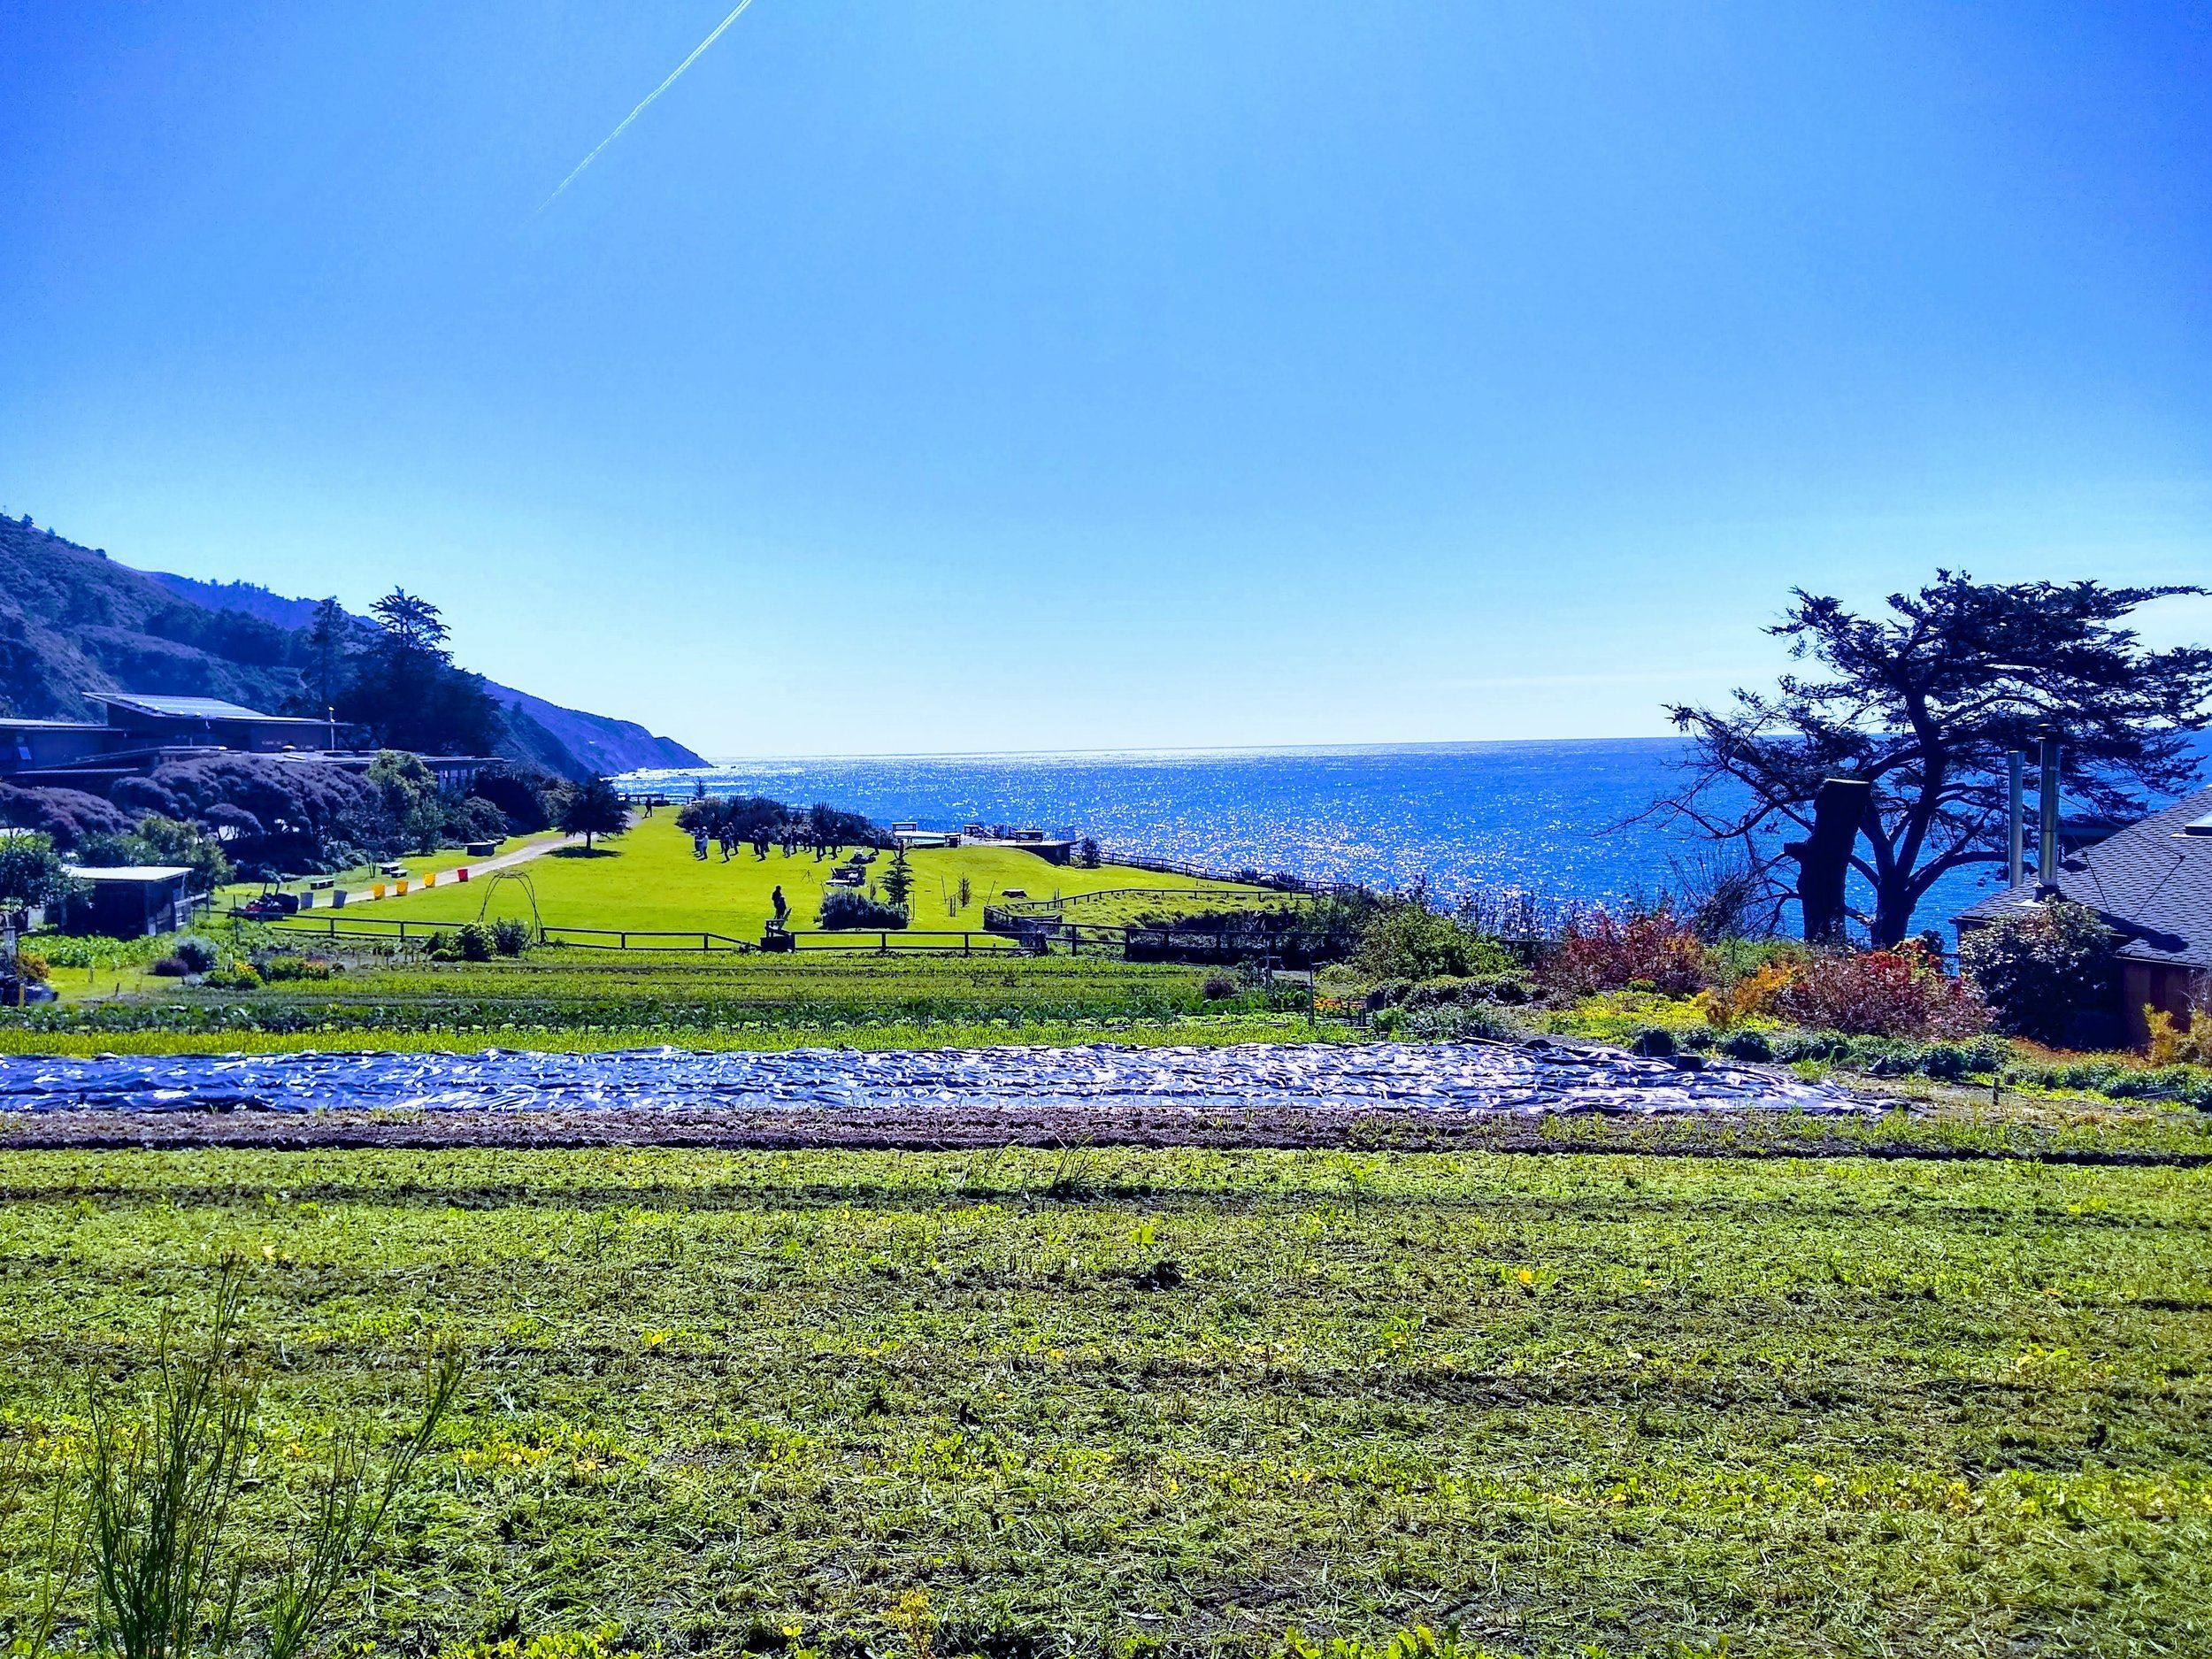 My Happy Place, Esalen, Big Sur, CA